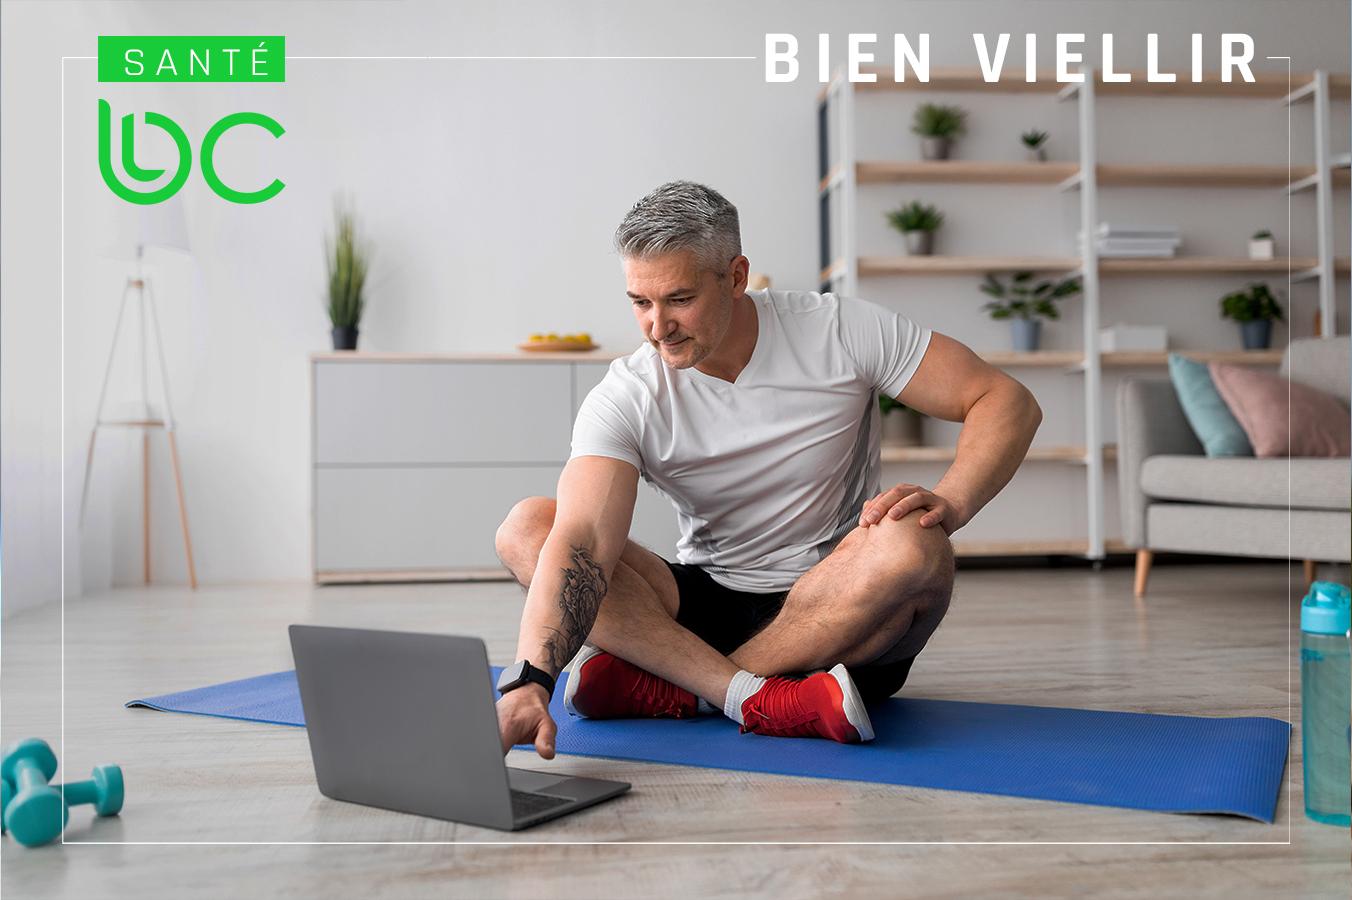 BIEN VIEILLIR coaching en ligne